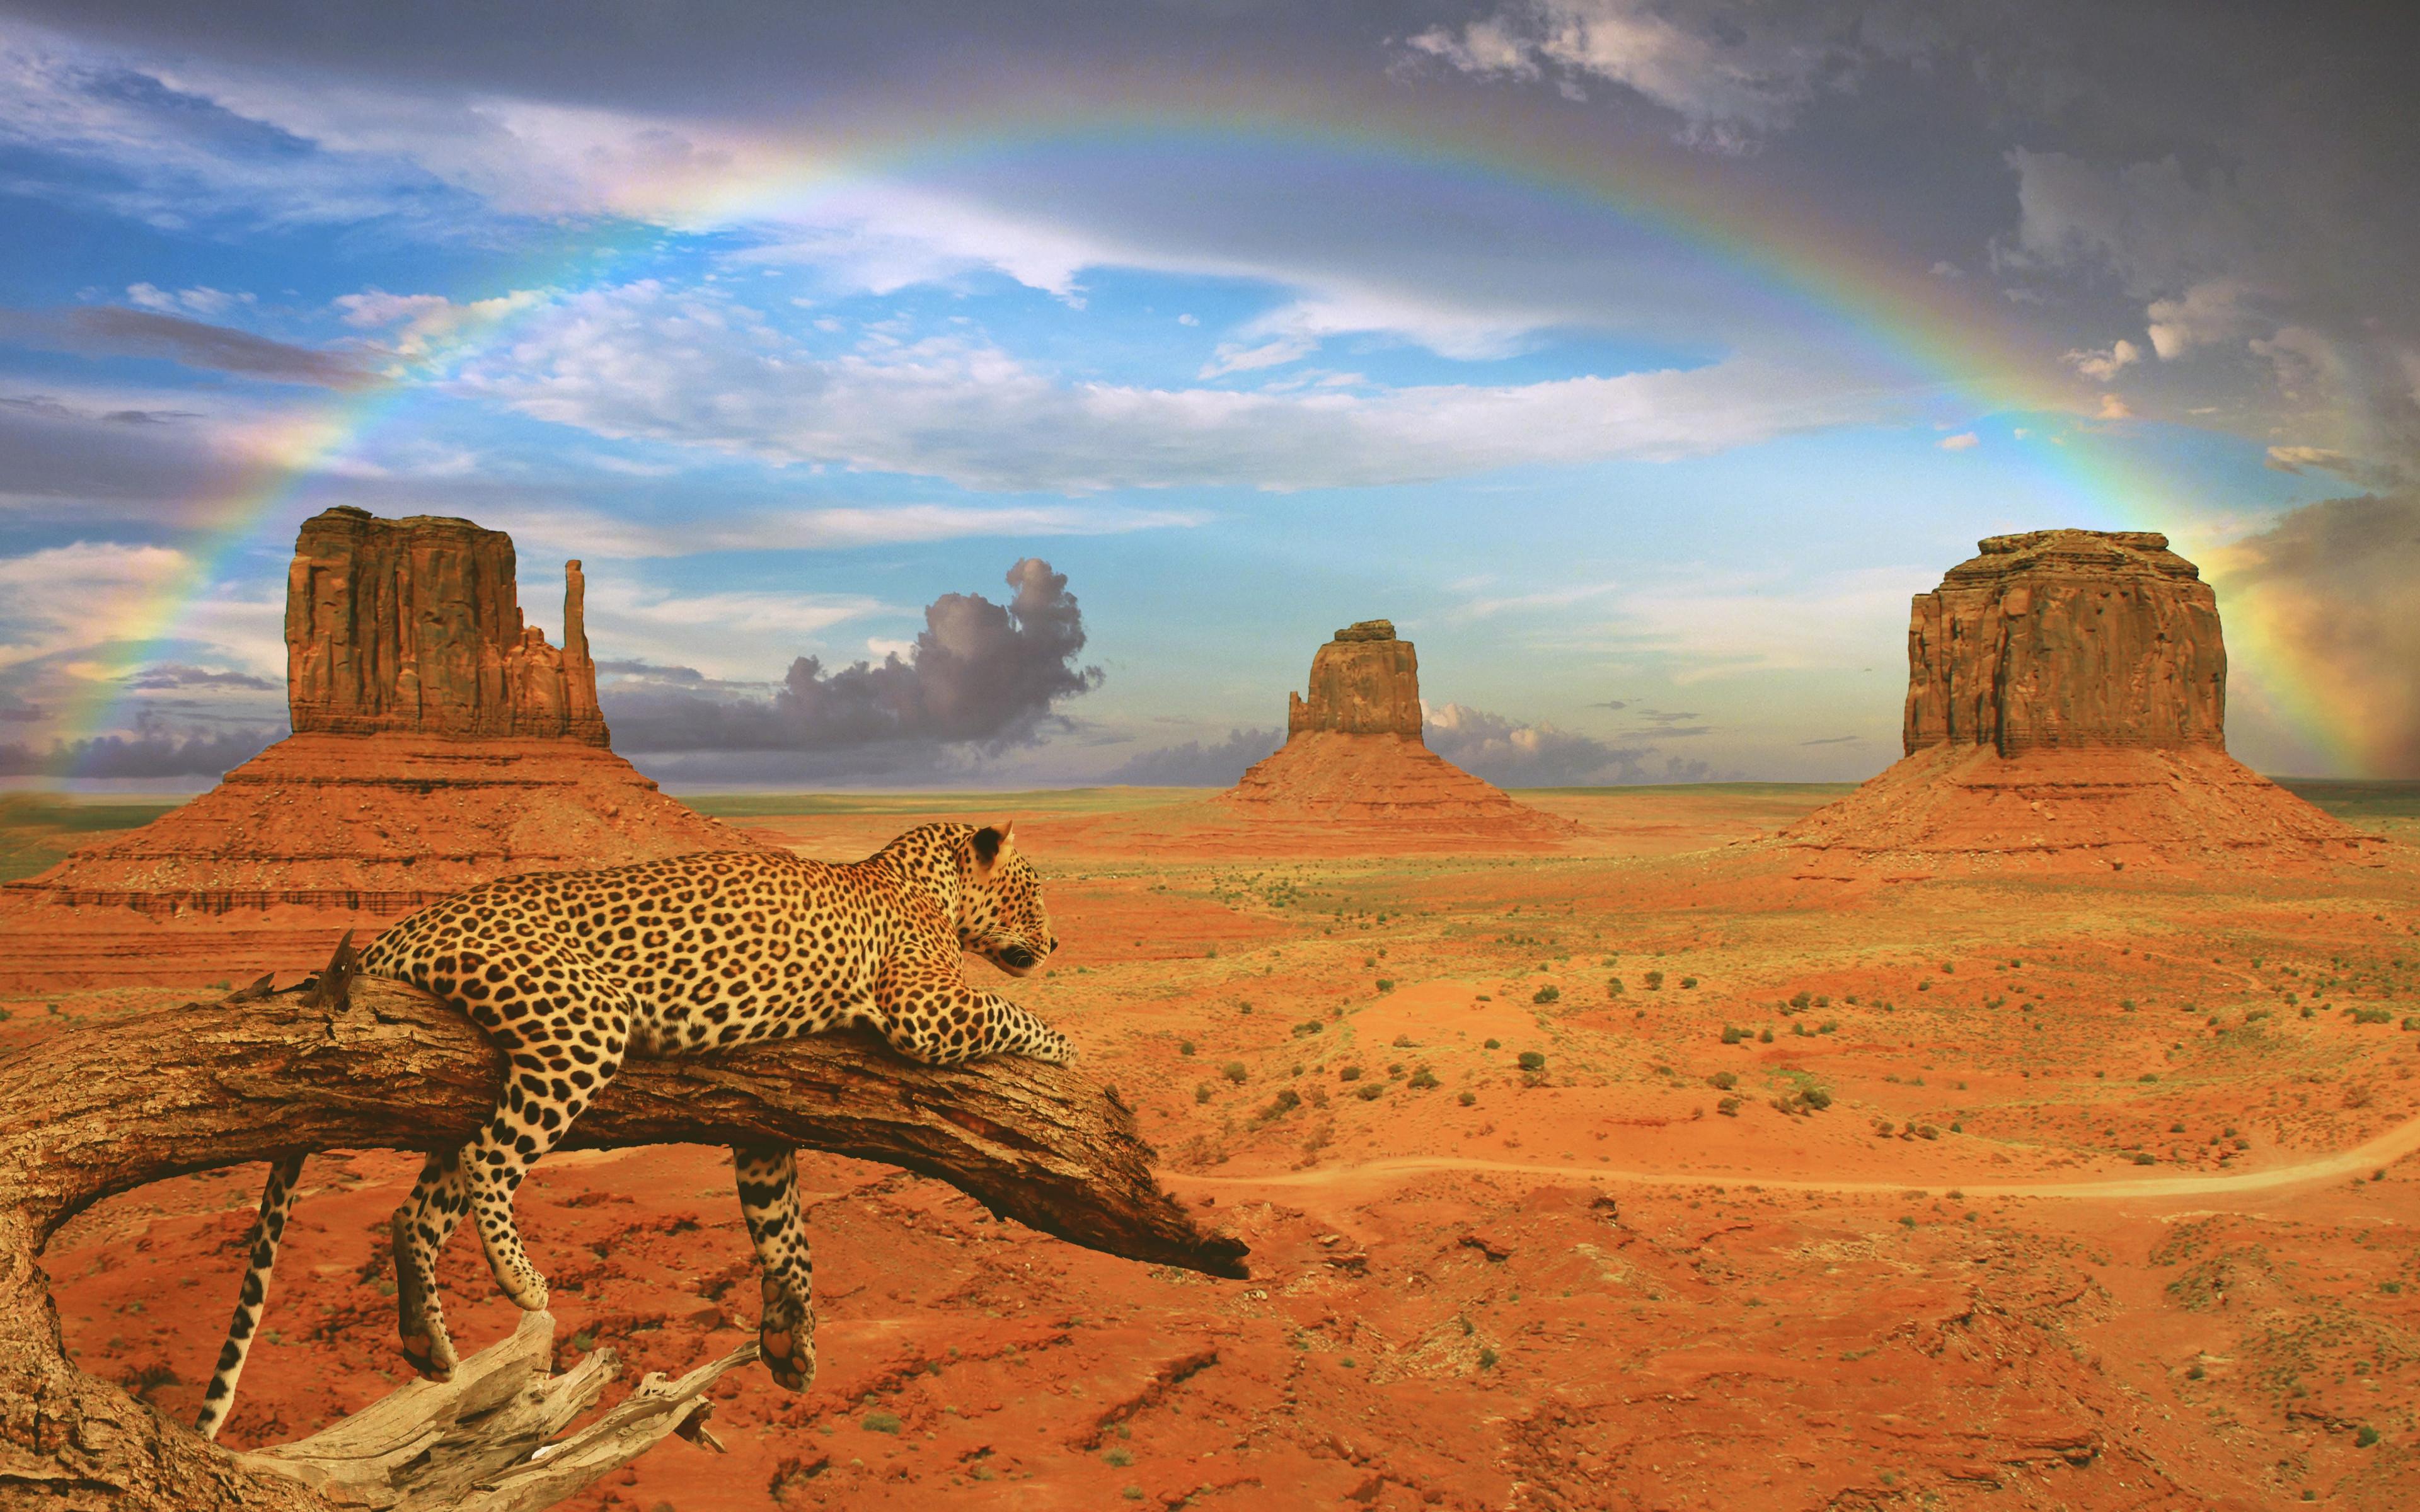 Fondos de pantalla Leopardo en paisaje desértico con arcoiris